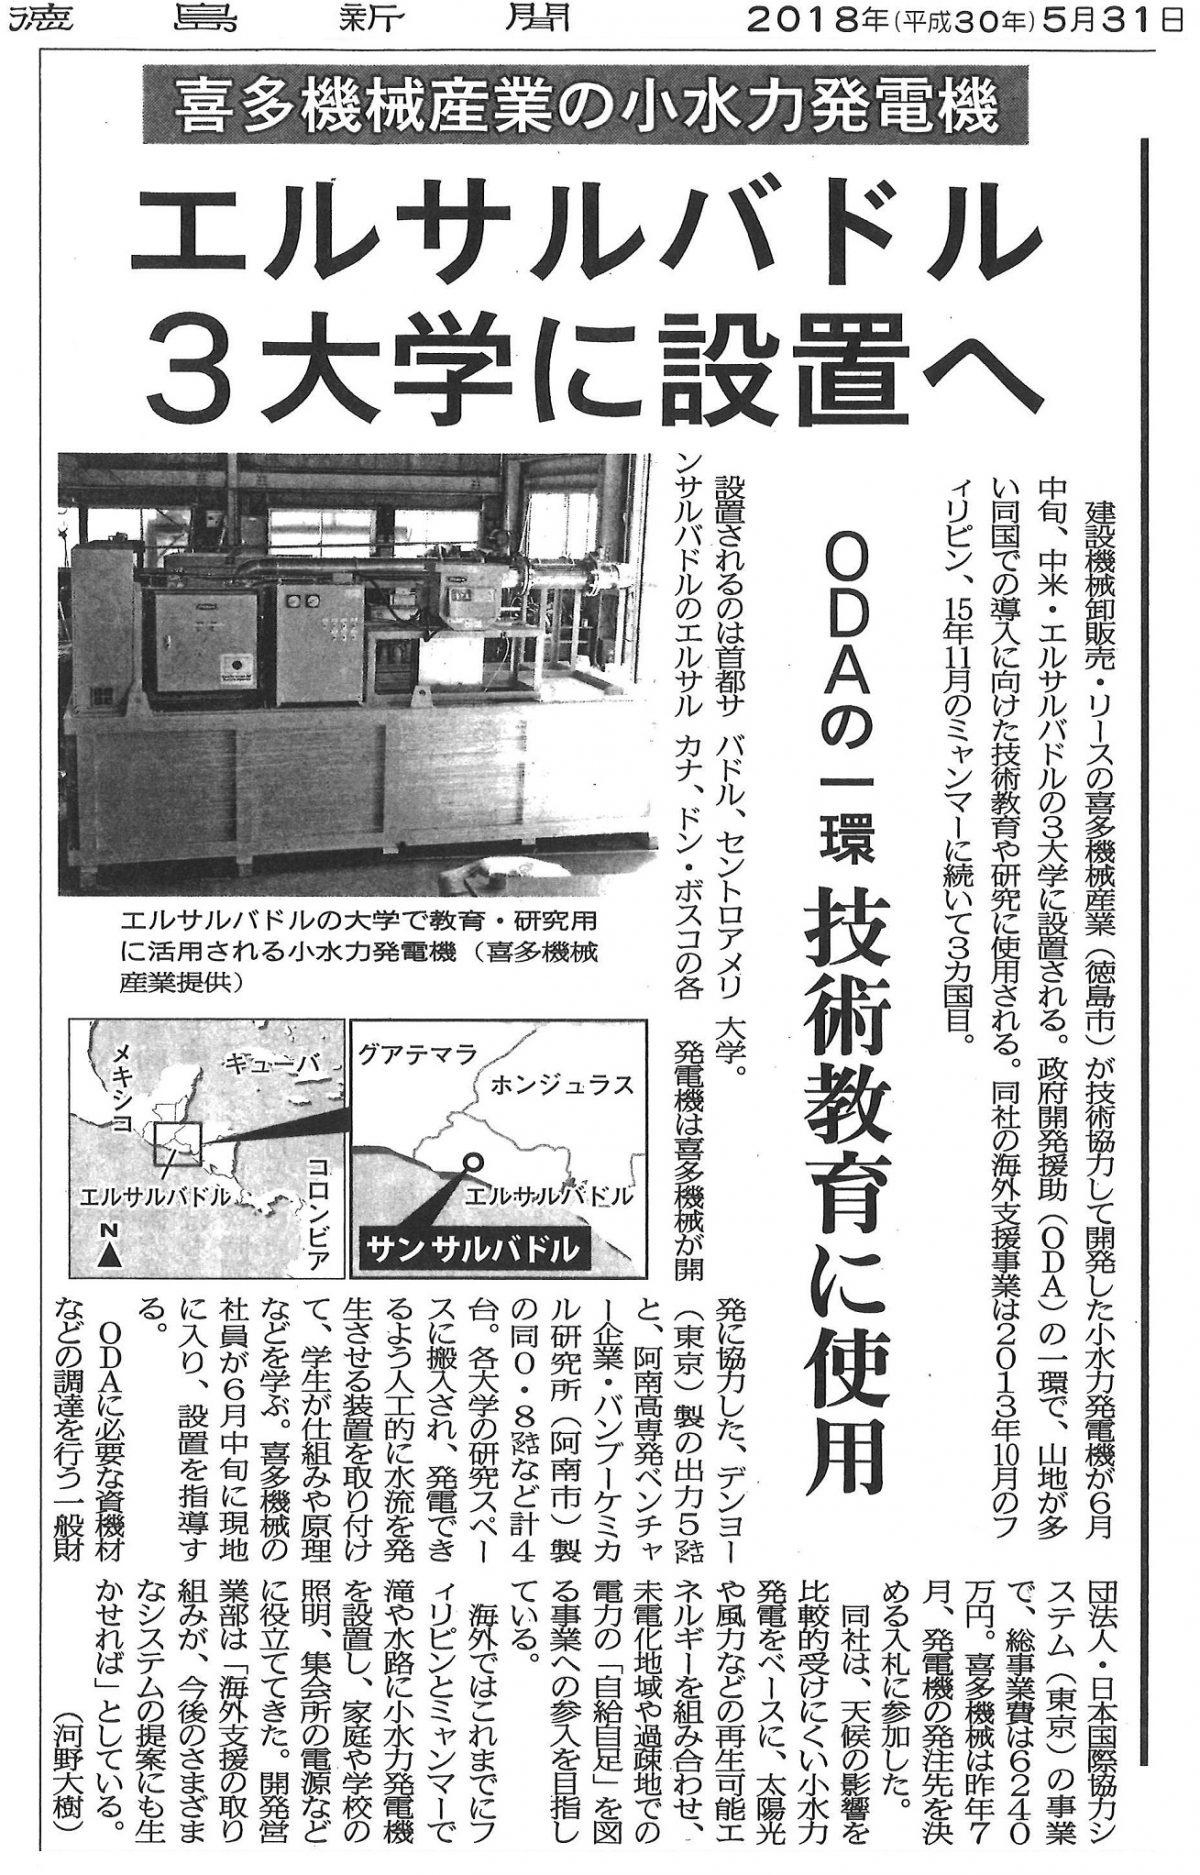 """徳島新聞に""""小水力発電機 エルサルバドル3大学に設置へ""""の記事が掲載されました"""